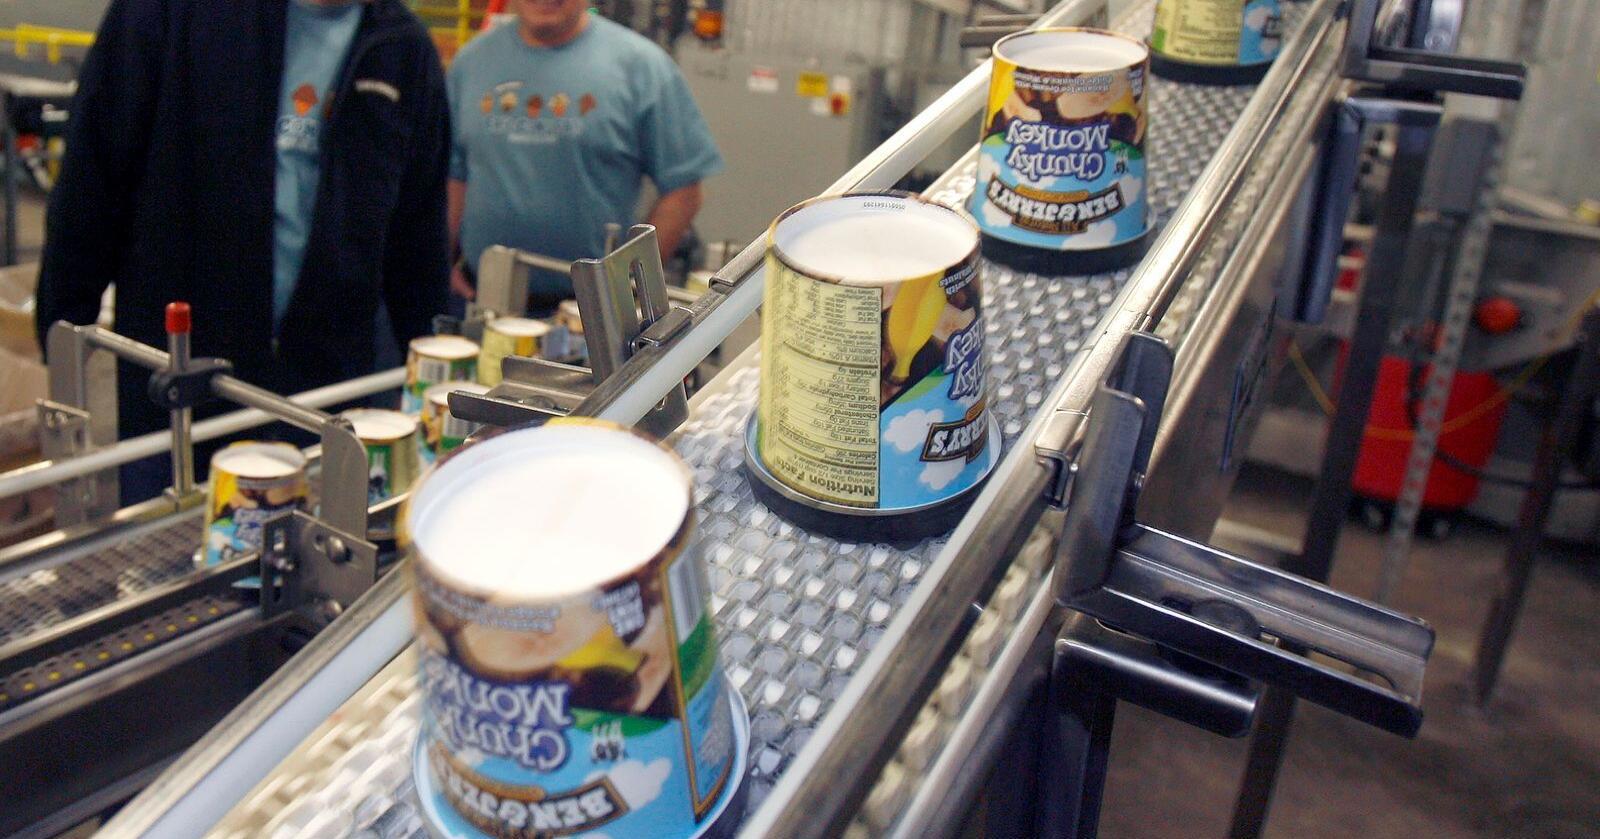 Selv om salget stanser i bosetningene, sier selskapet at de vil fortsette å selge iskremen i Israel gjennom en ny ordning. Det kan bli vanskelig, ettersom store israelske supermarkedkjeder som distribuerer Ben & Jerry's produkter, alle opererer i bosetningene. Her er isfabrikken i Waterbury, Vermont. Arkivfoto: AP / NTB